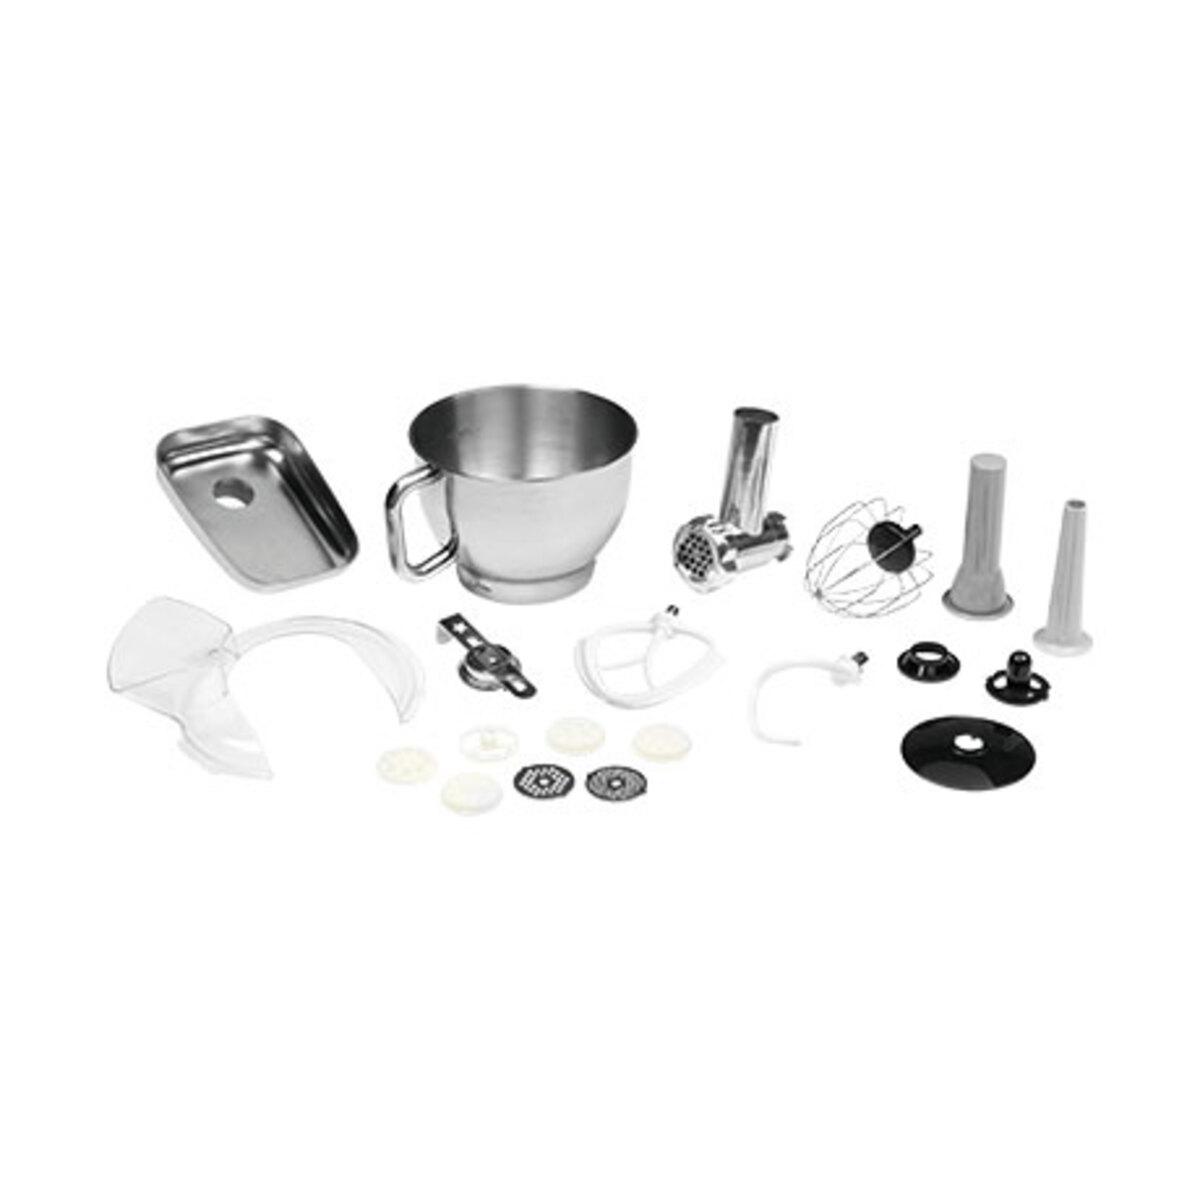 Bild 5 von Küchenmaschine MD 16480 weiß1